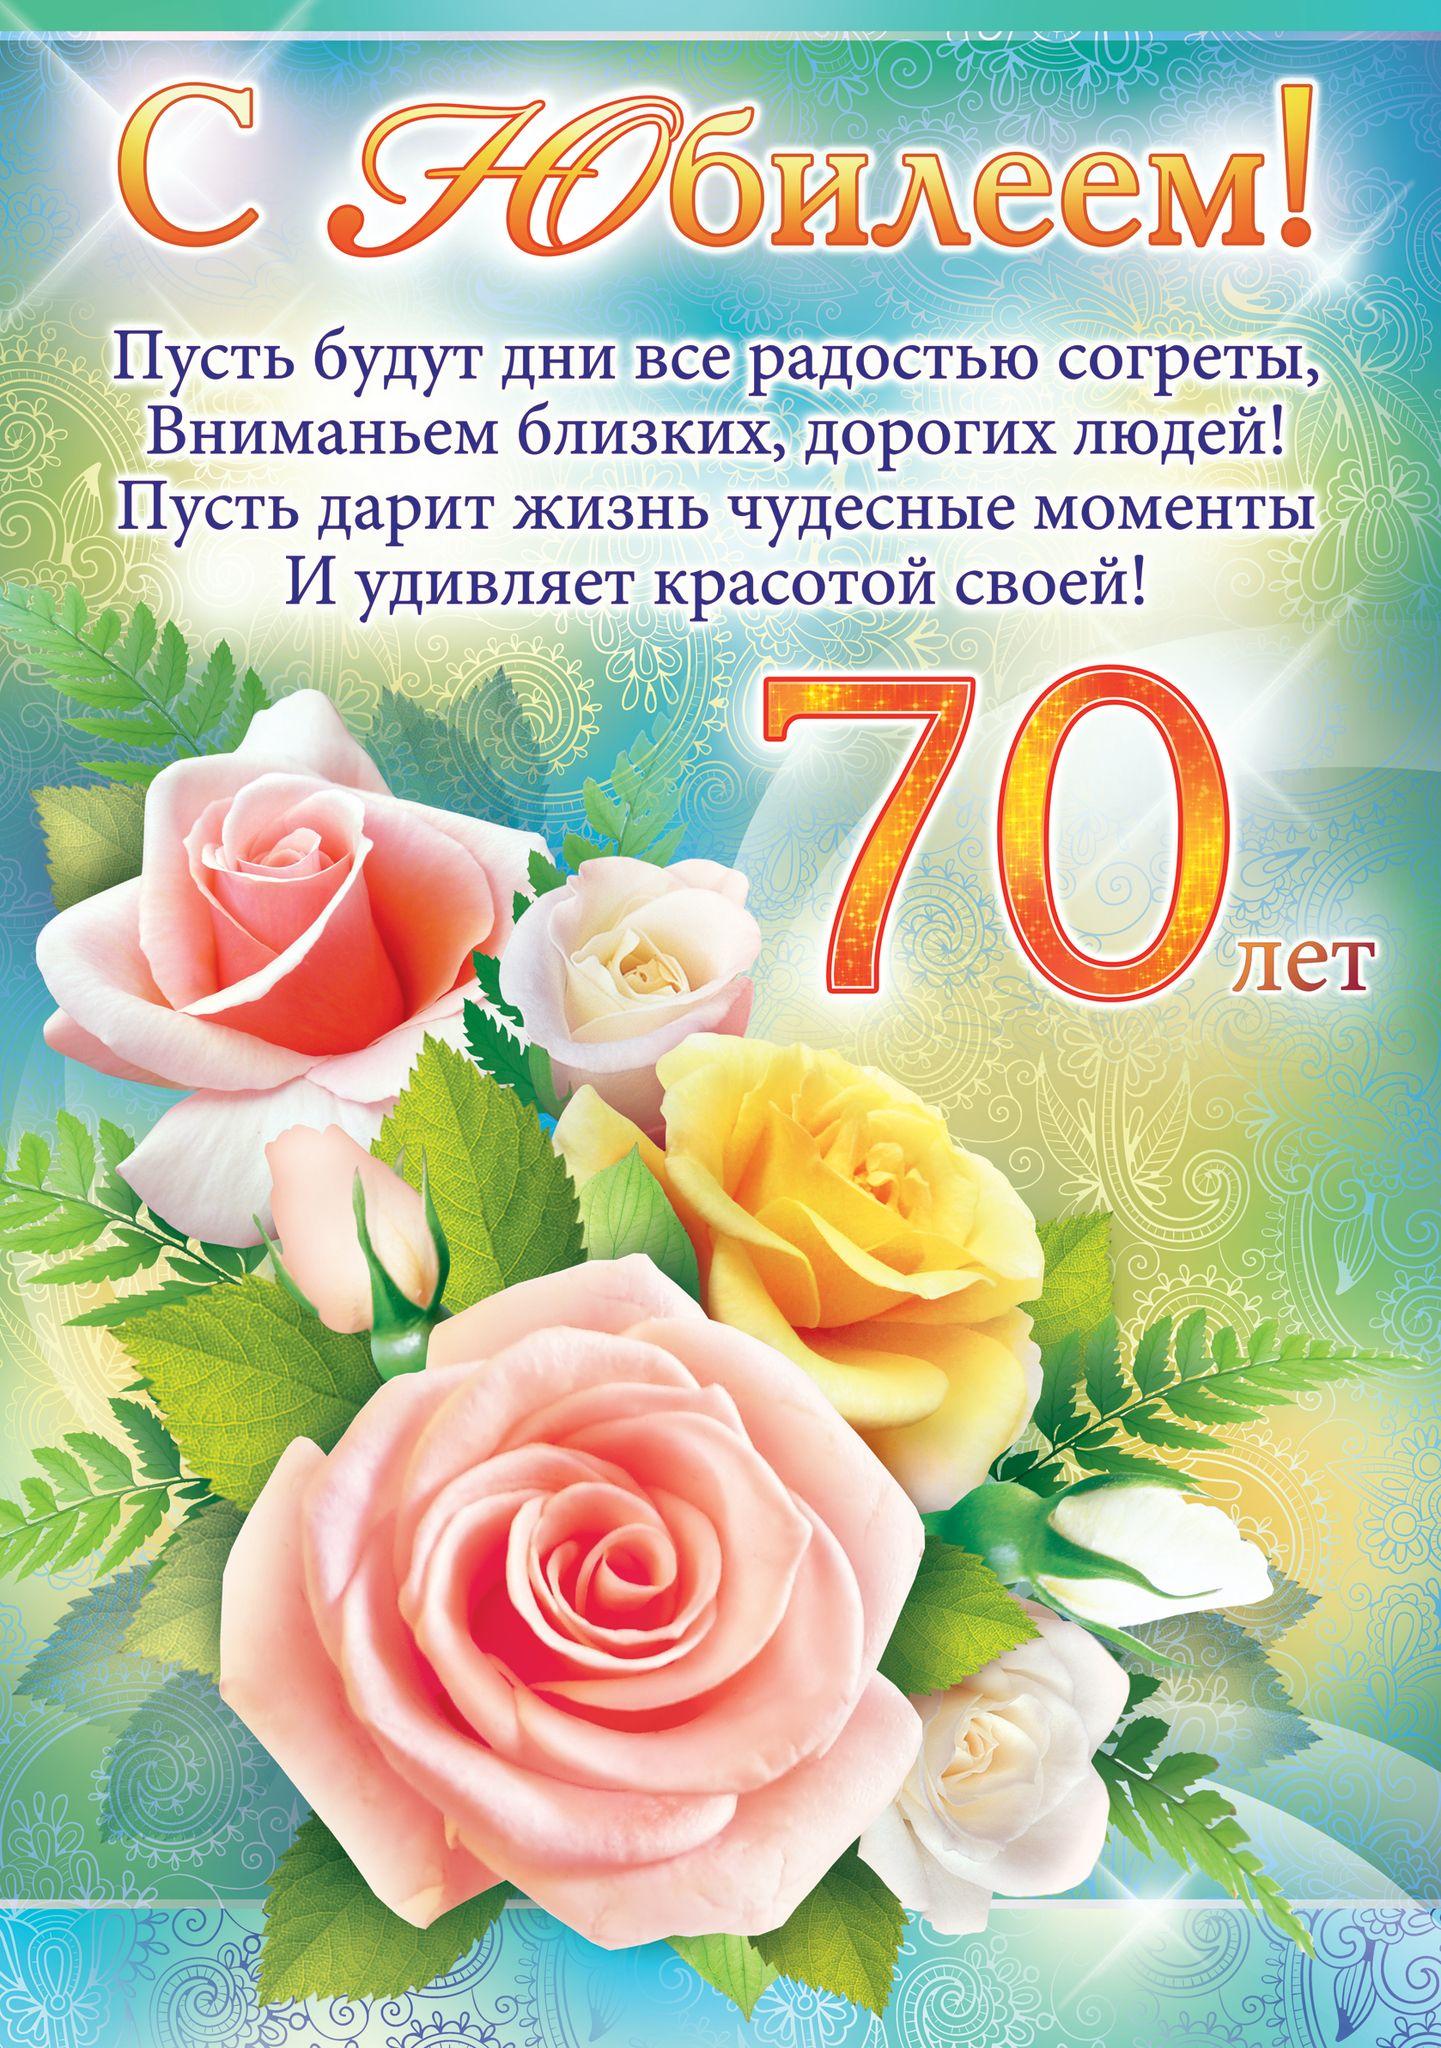 Очень красивое поздравление с юбилеем женщине 70 лет